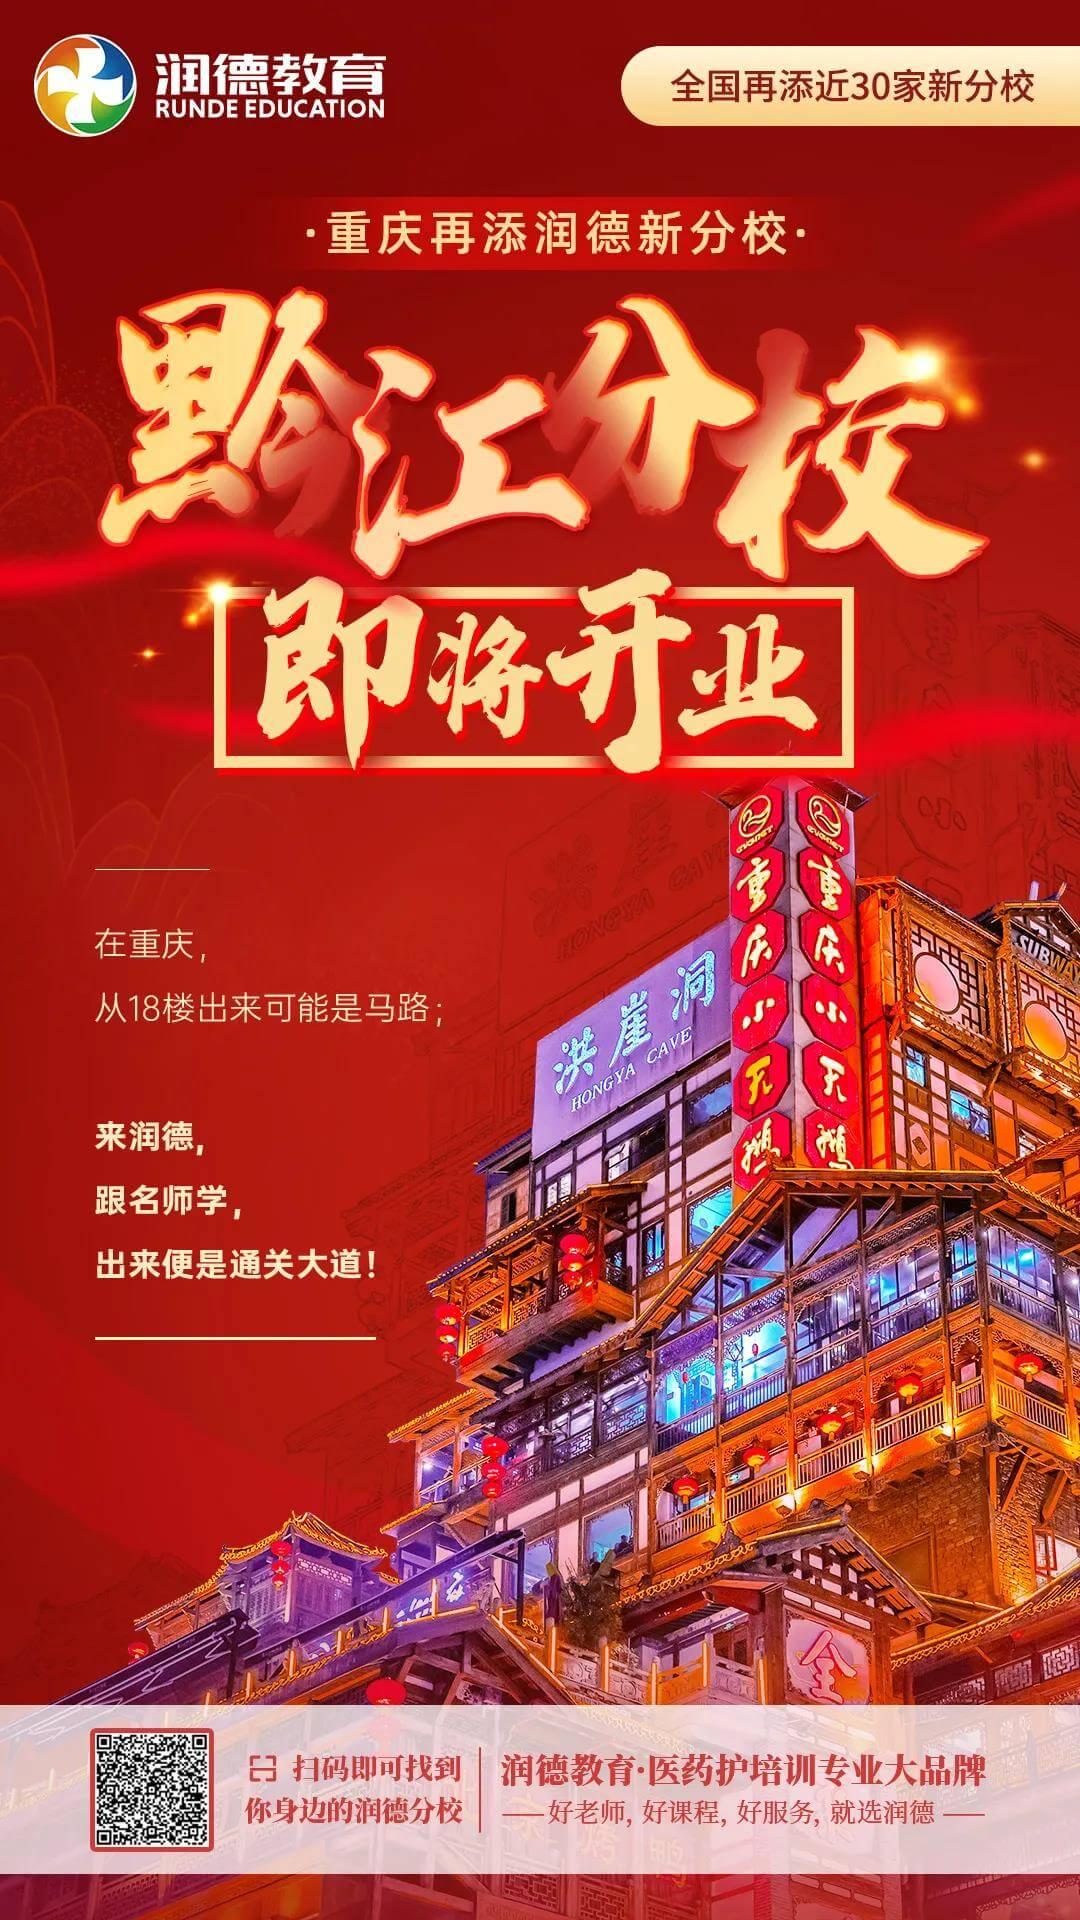 重庆再建一所新润德分校